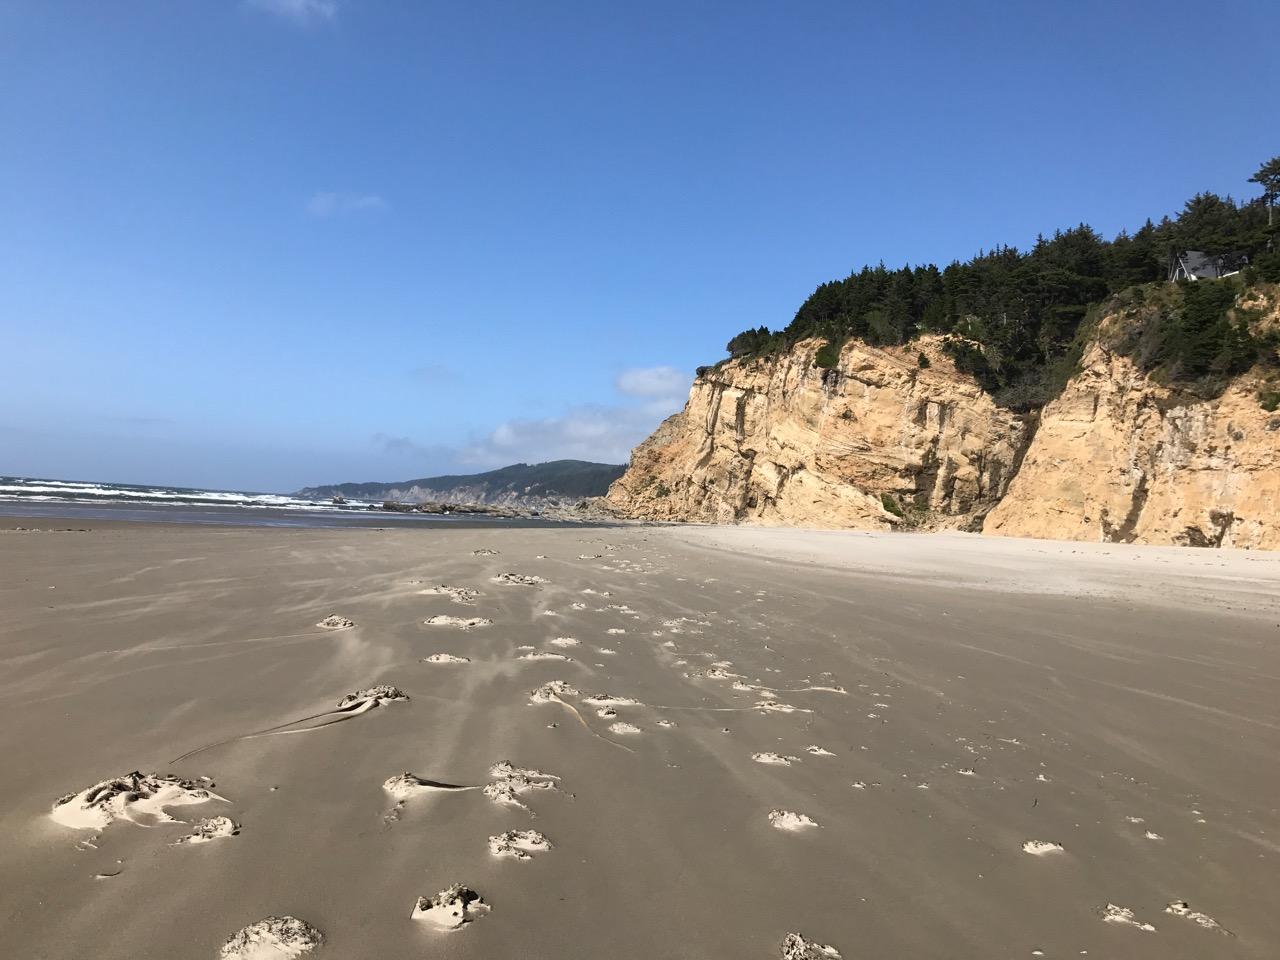 Agate Beach, Bandon, OR